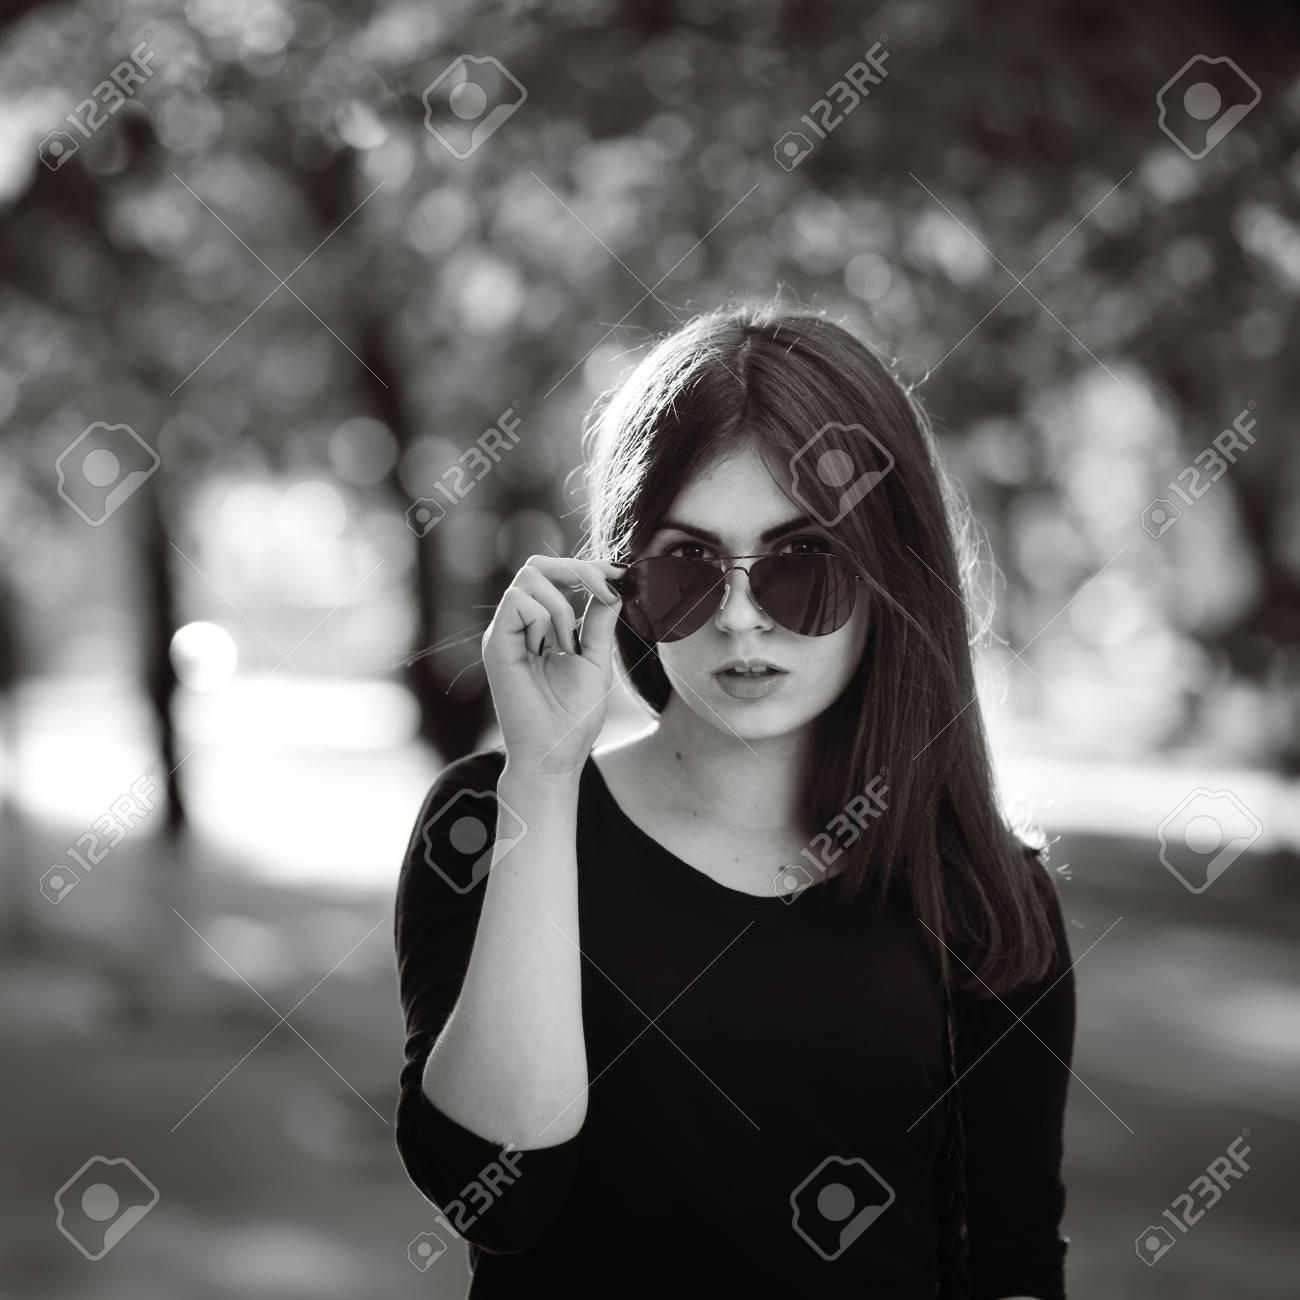 SolBlanco Con Camisa Negra Estilo En Gafas Moda Chica Y De Yfb67gy